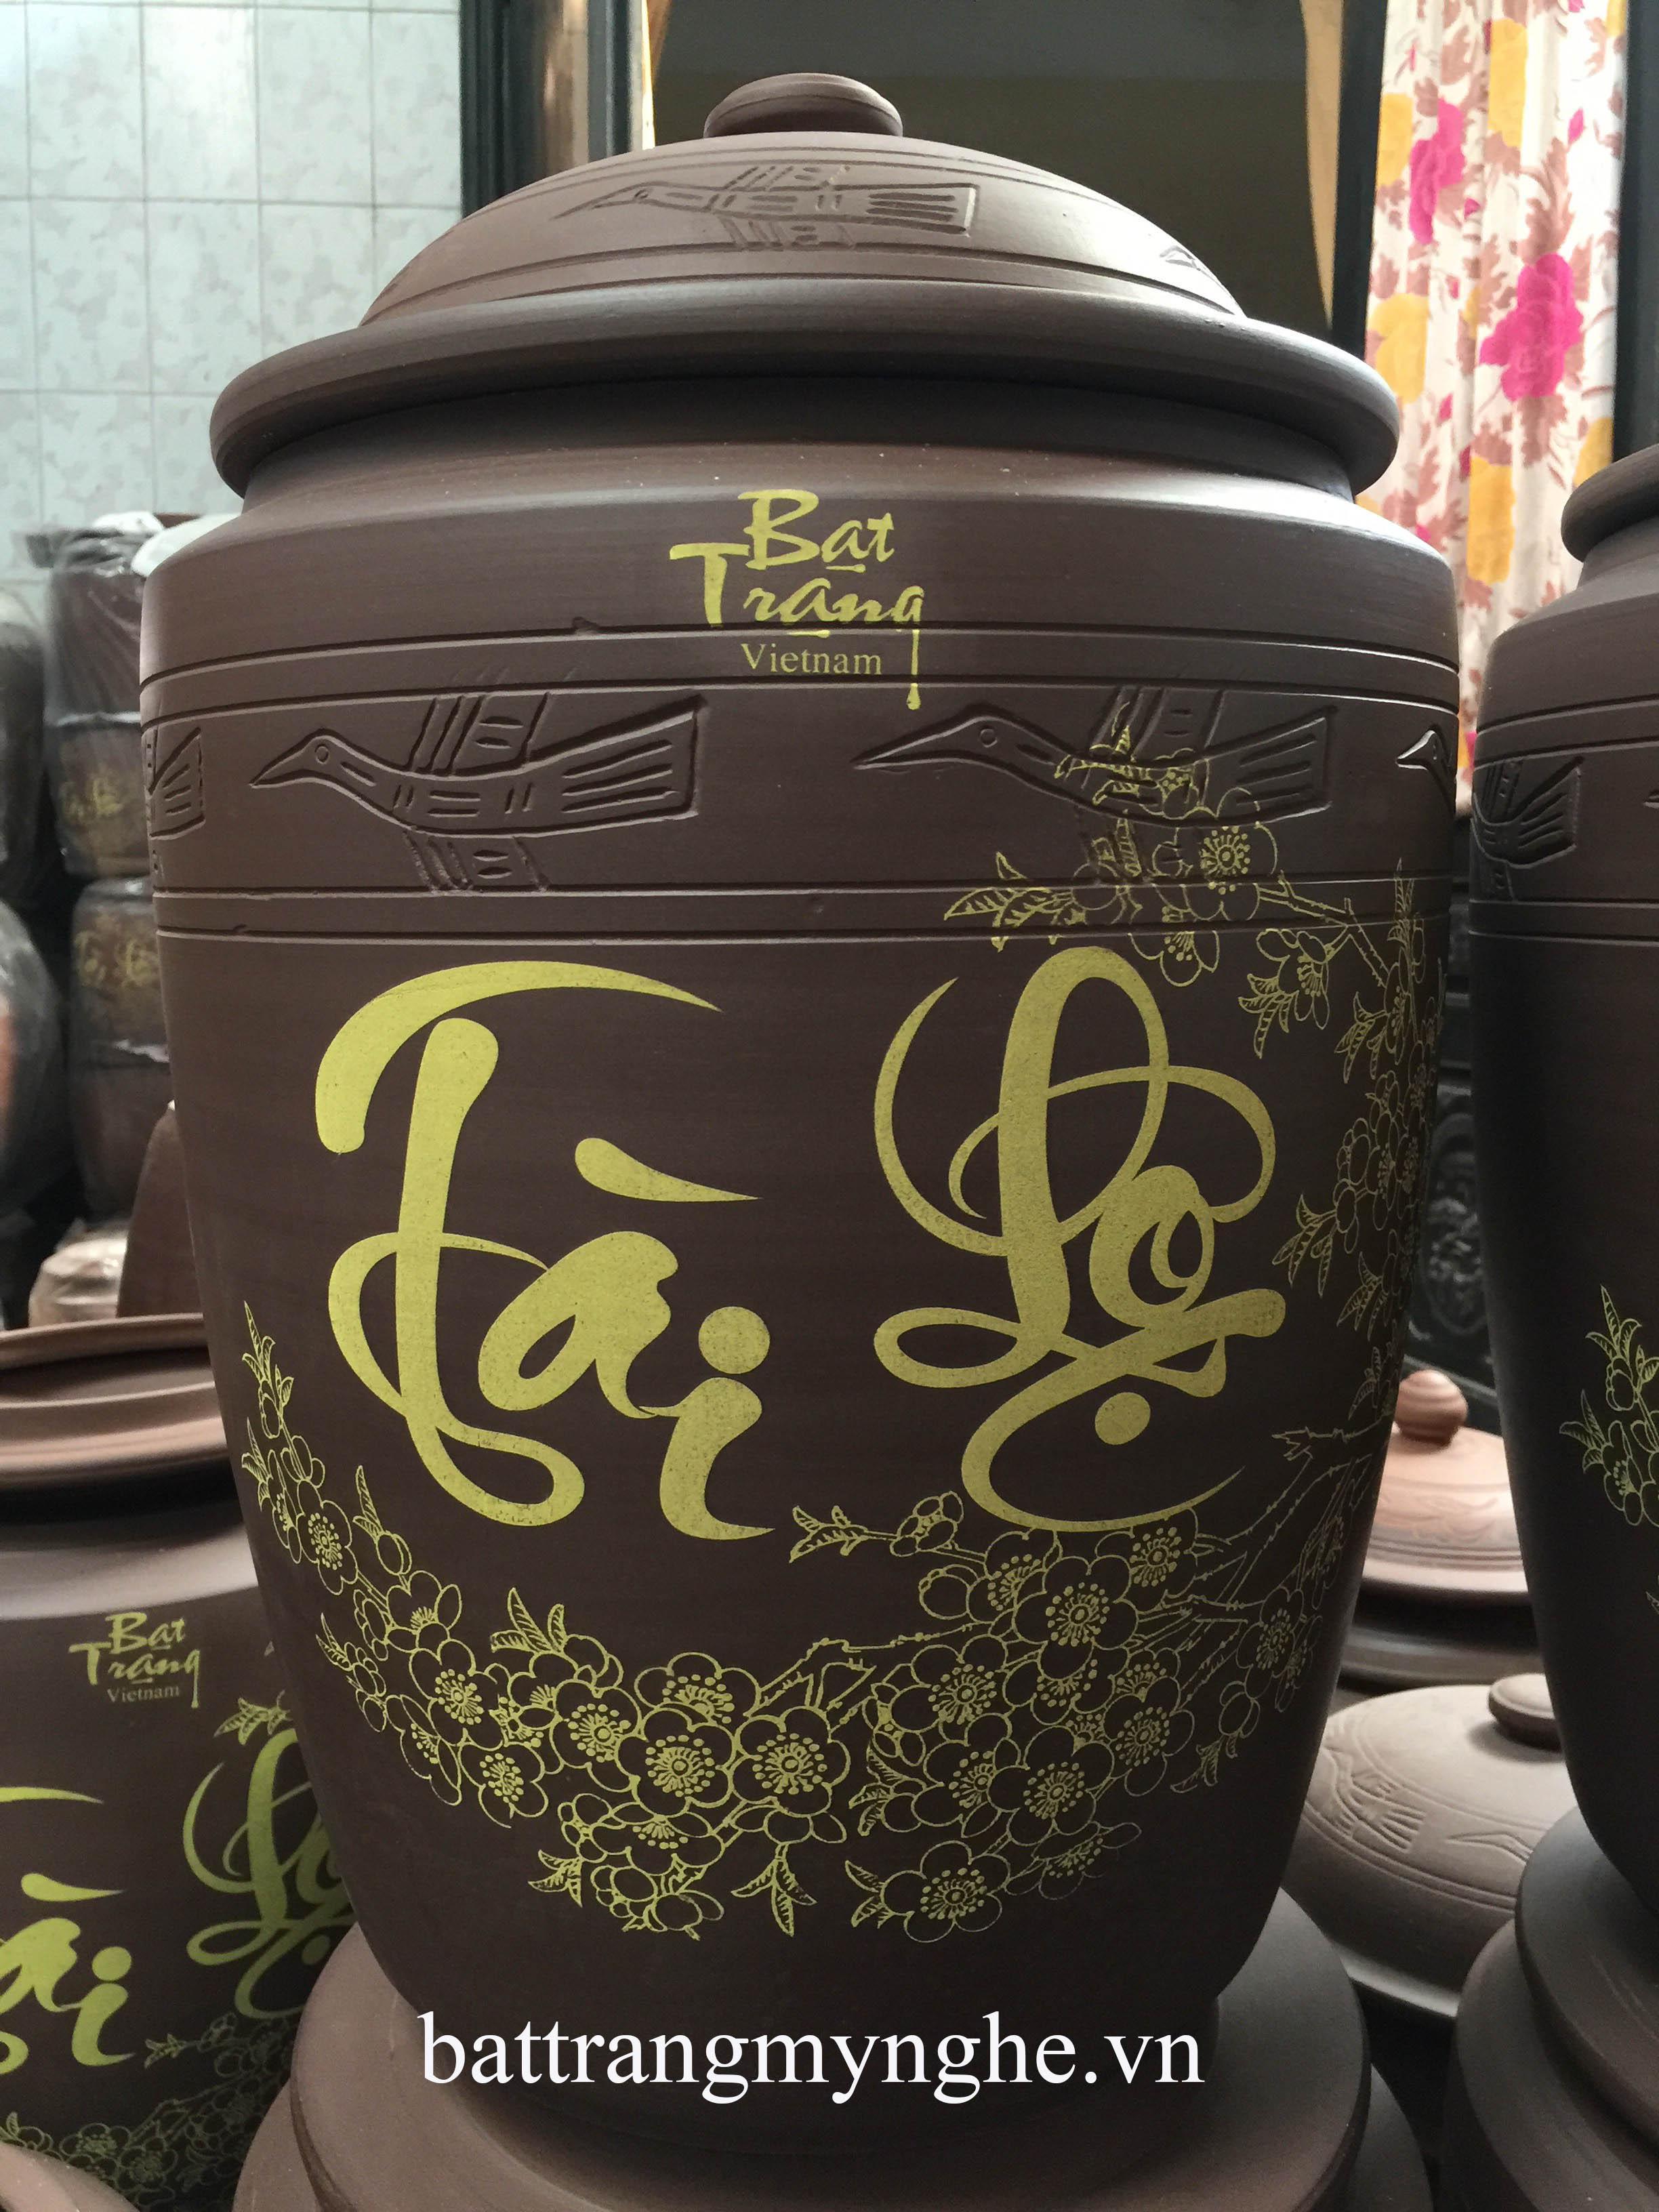 Hũ Sành đựng Gạo Tài Lộc vẽ hoa văn 30 Kg